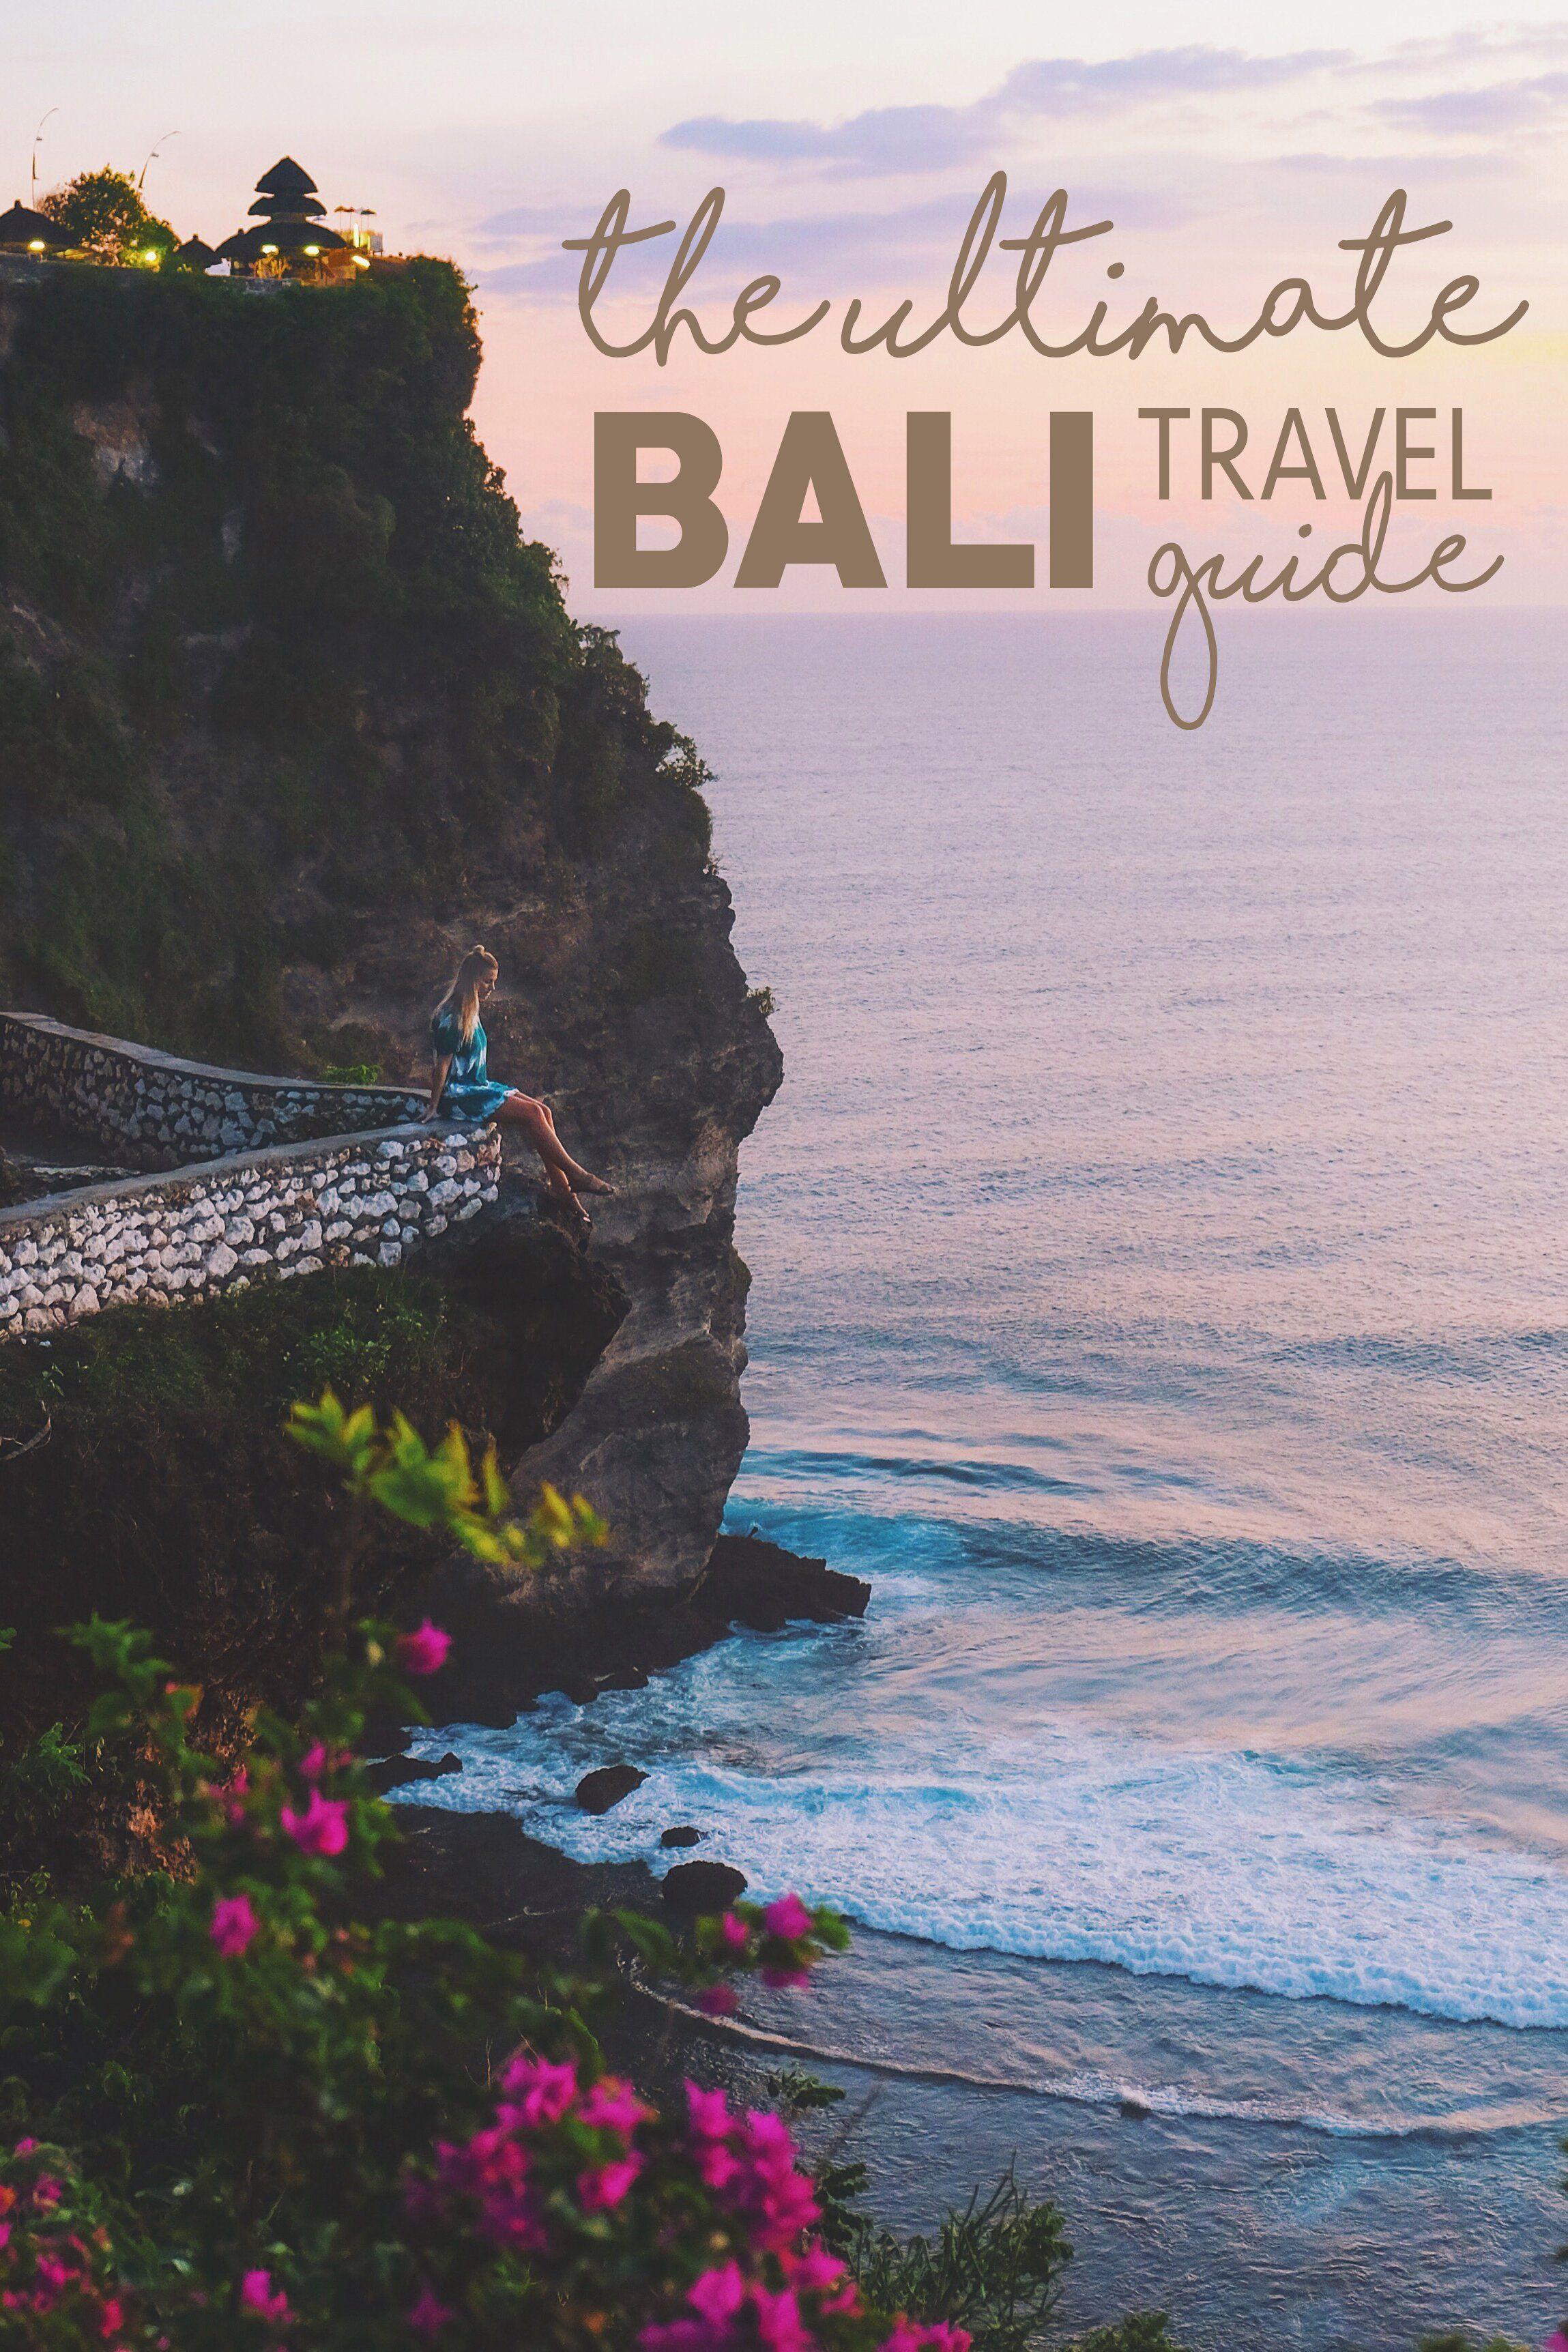 bali travel guide #balitravel | bali | pinterest | vacation